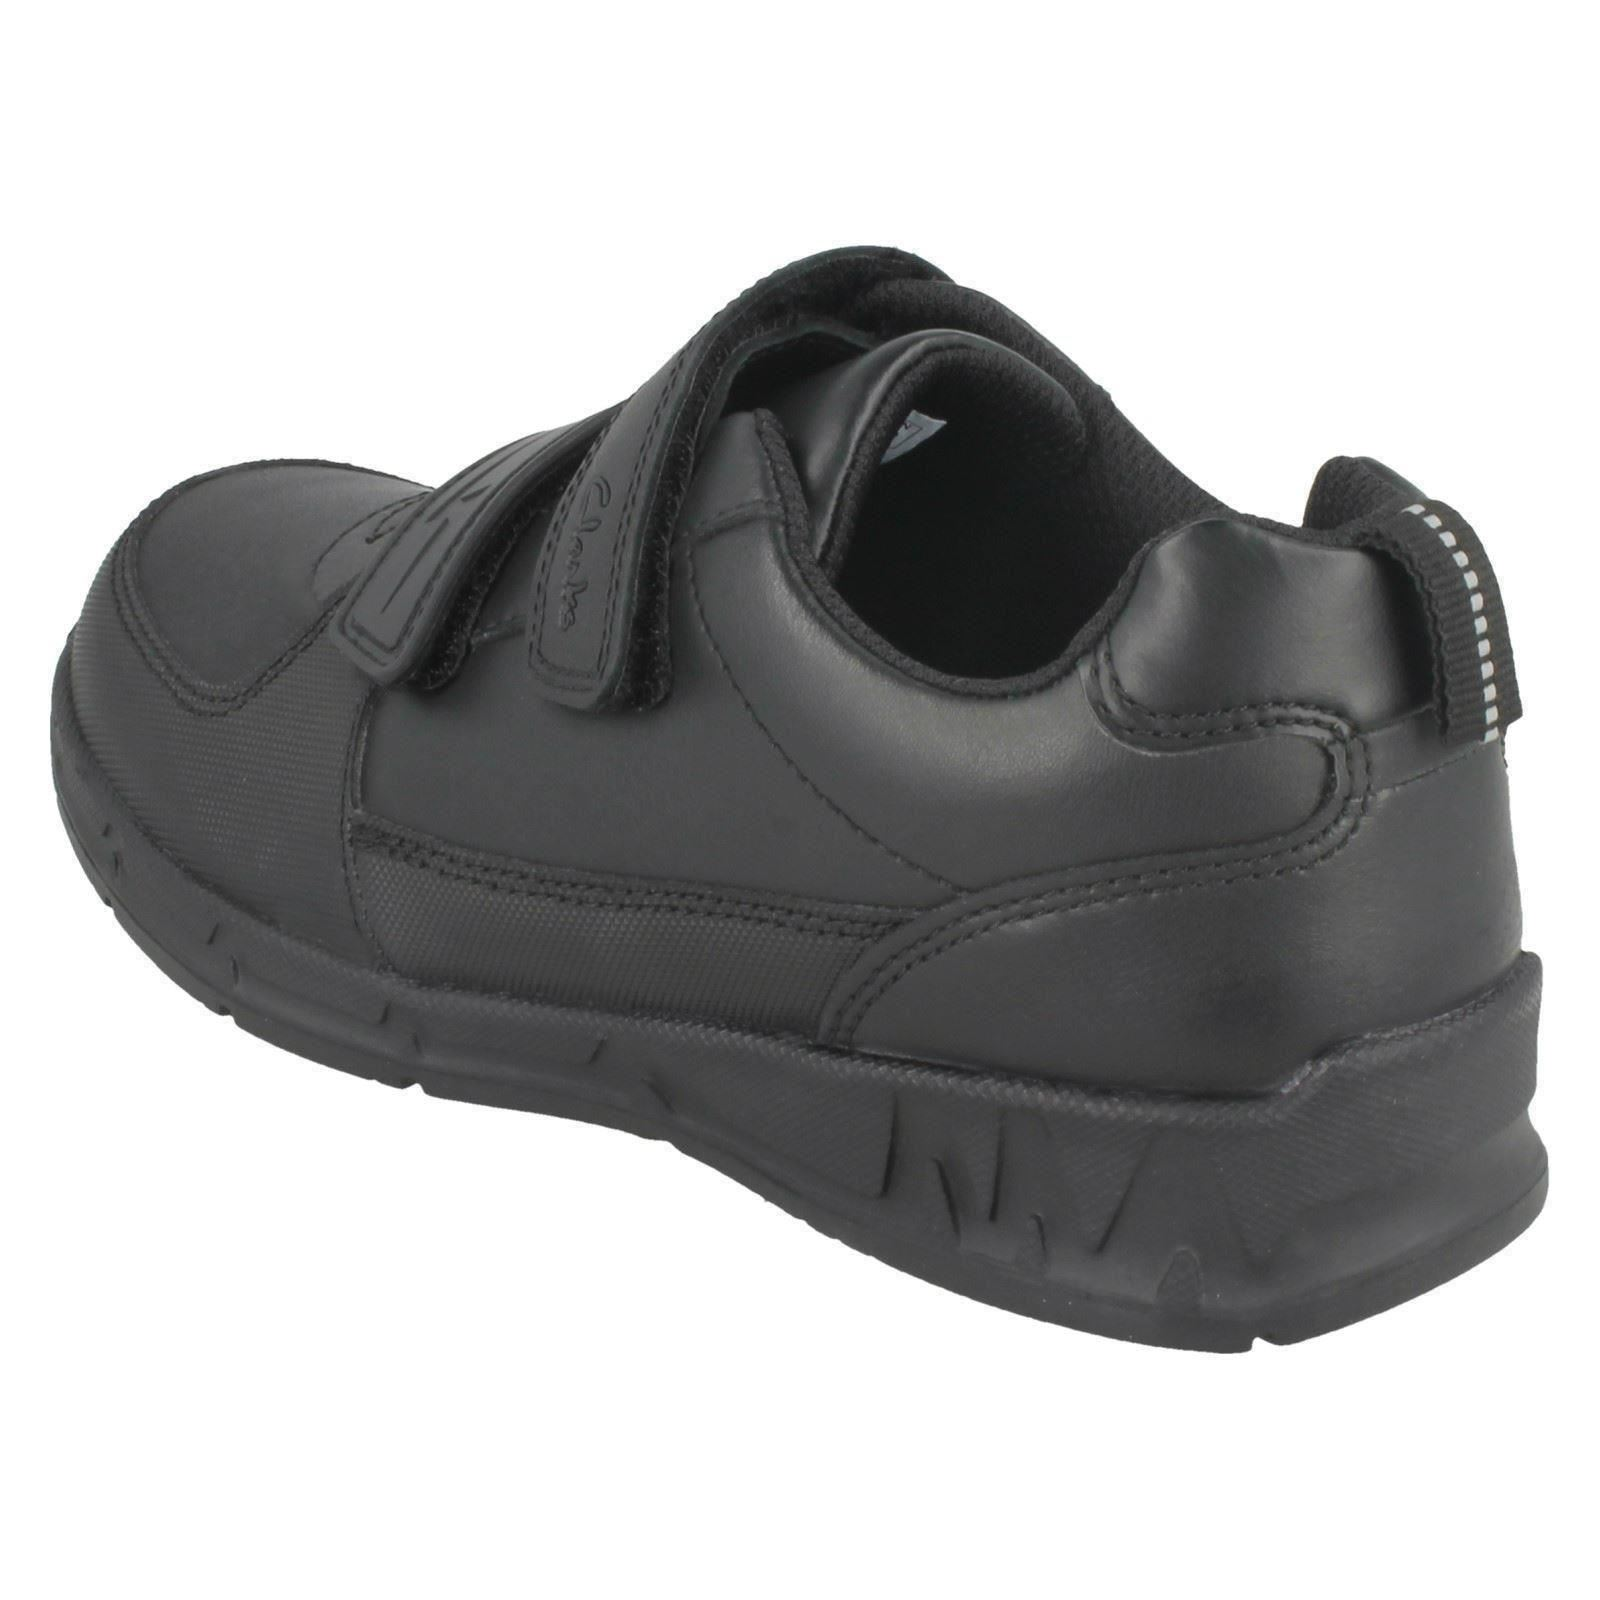 Zapatos escuela para formales de correa Black la con Gloforms doble By Clarks Fire niños Maris qrHWnwrp4